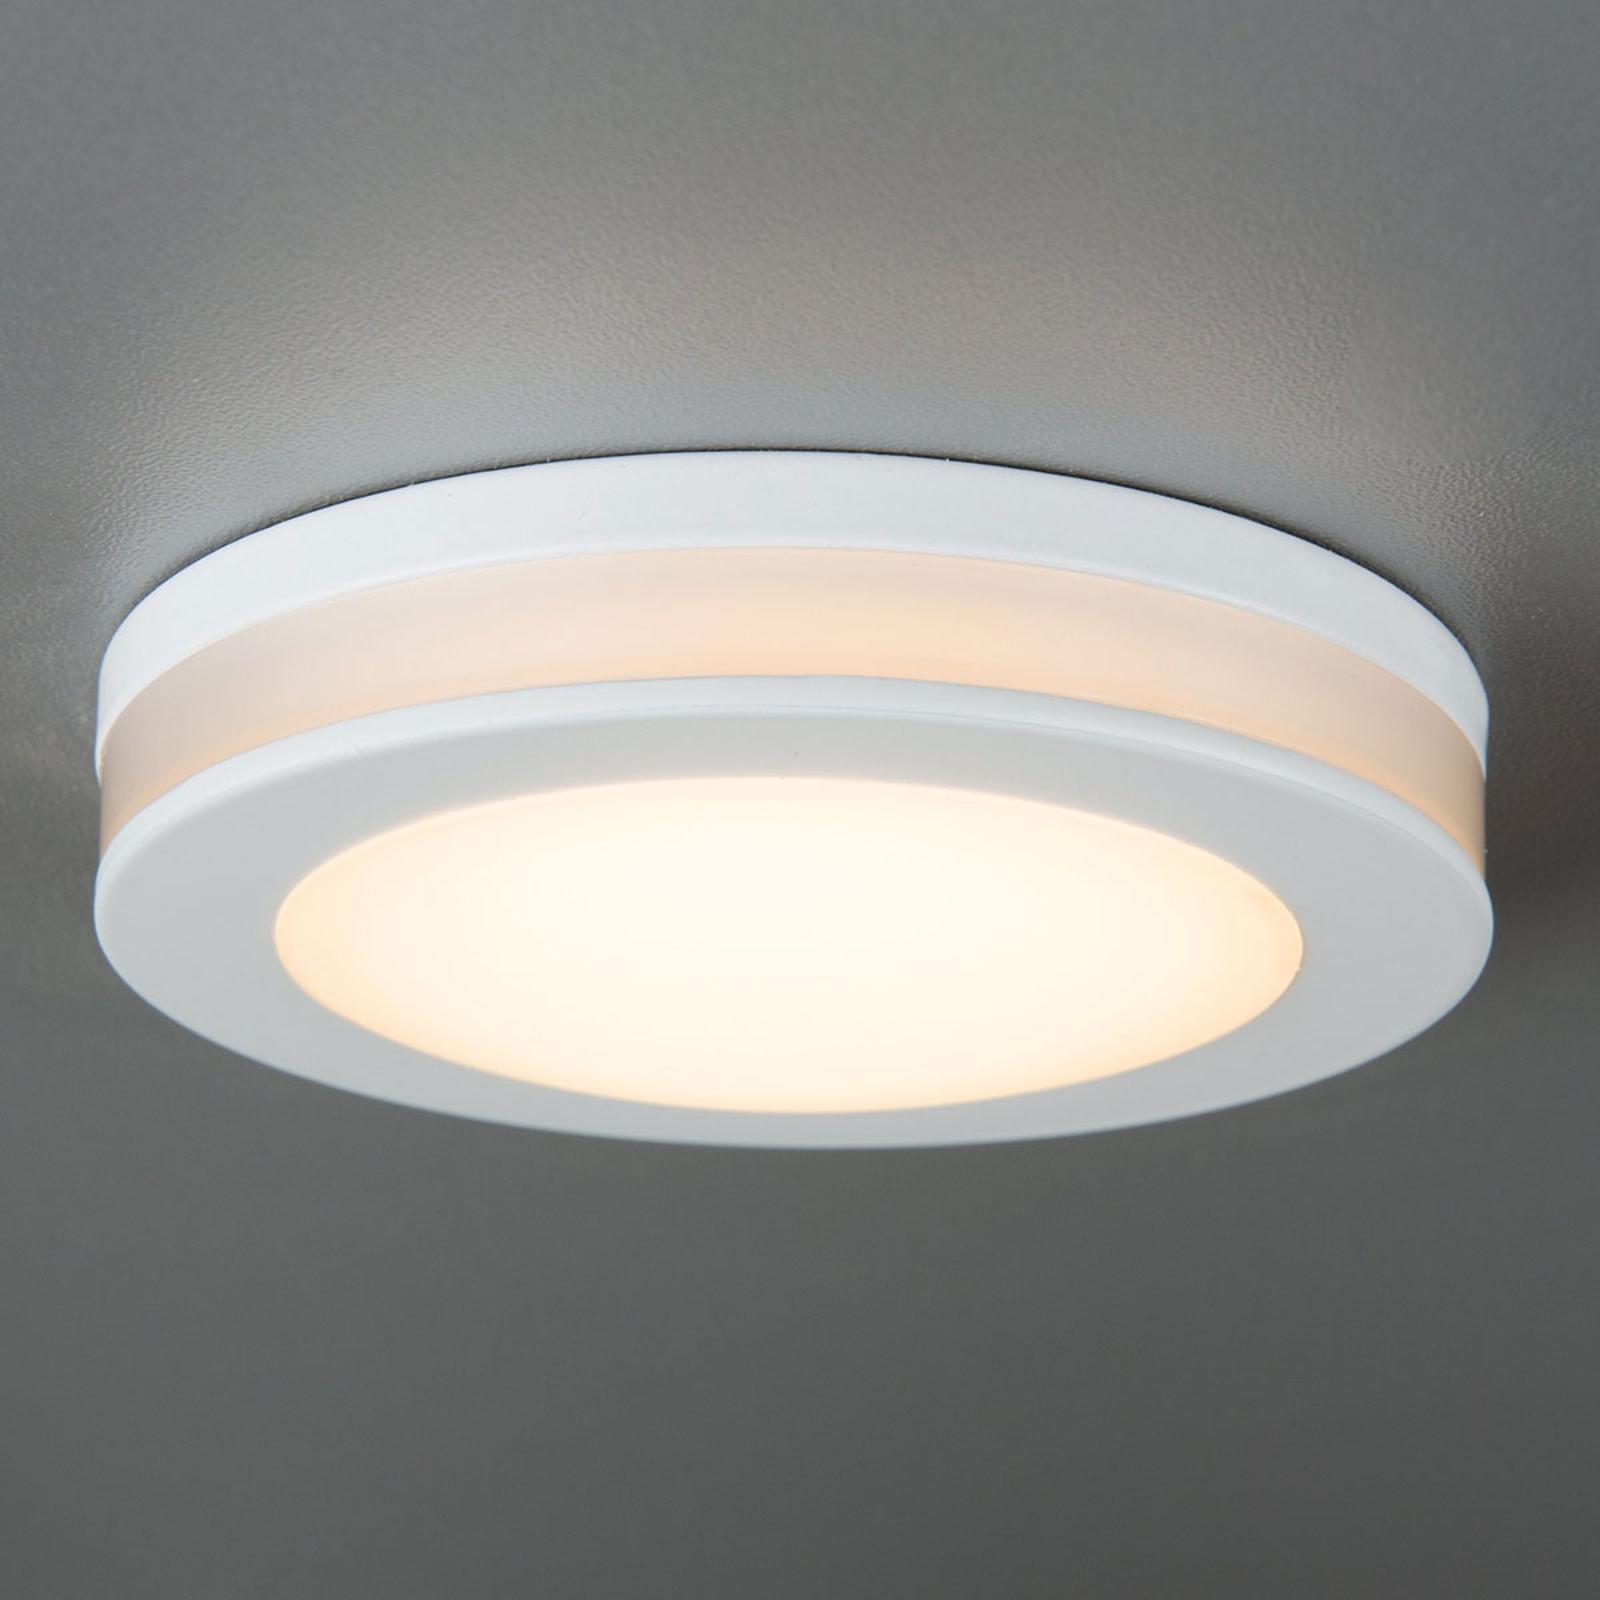 Faretto LED da incasso Artemis 6 W bianco